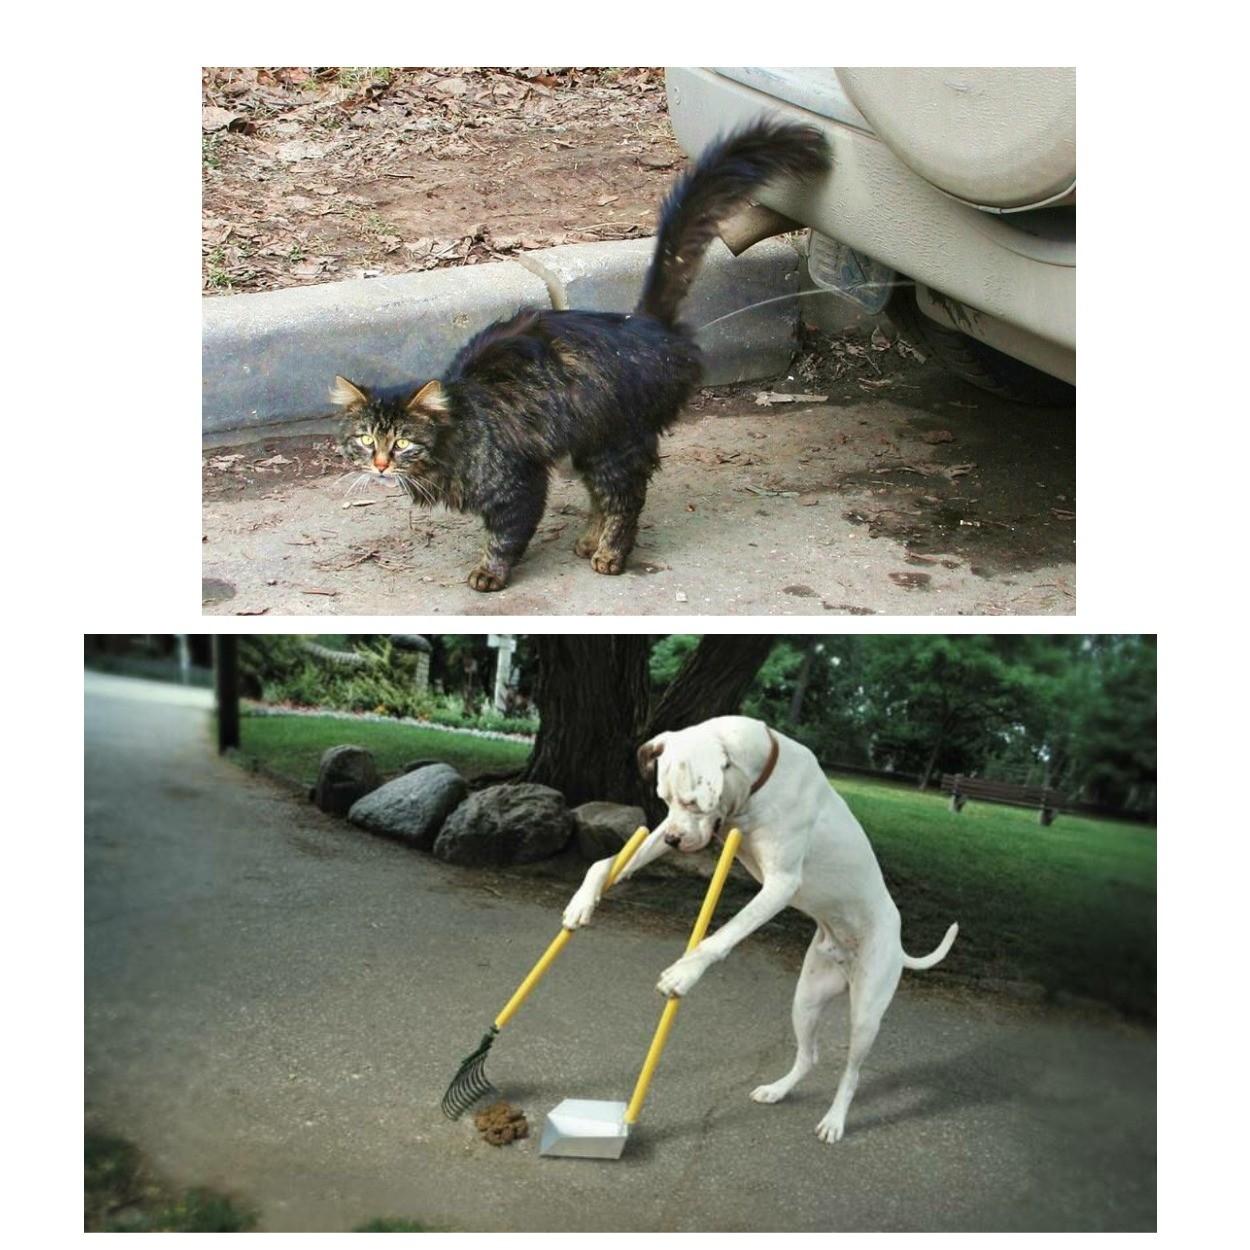 изображение испражнения домашних животных на тротуарной плитке